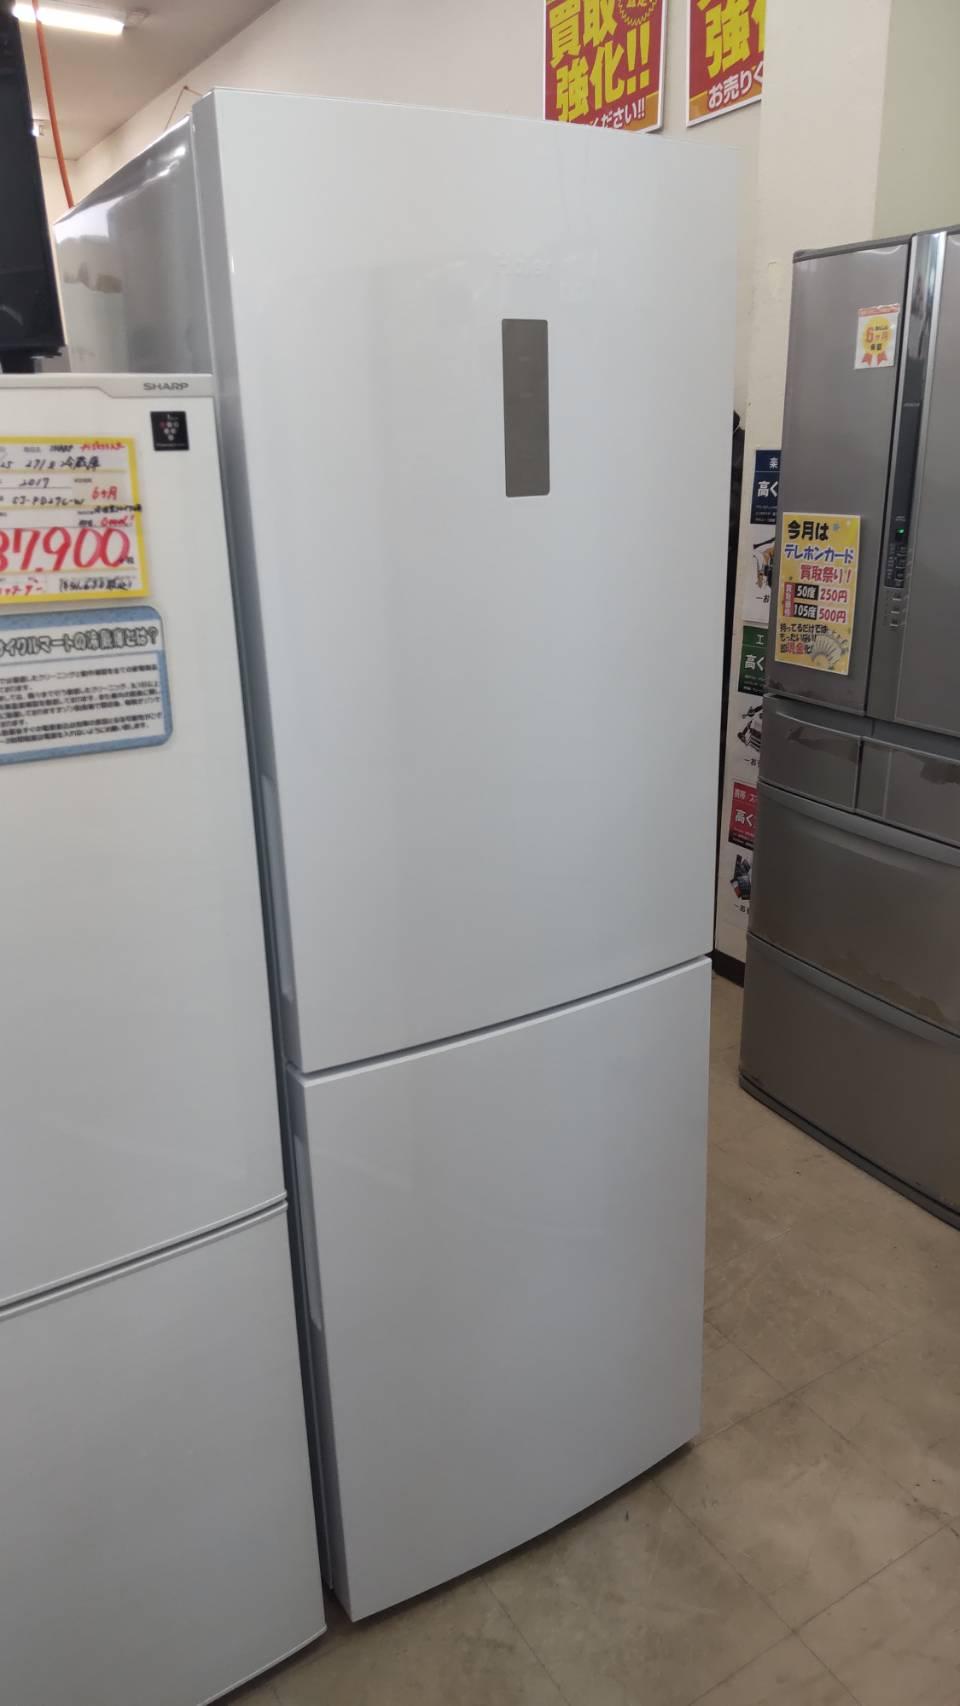 【Haier ハイアール 340L 冷蔵庫 JR-NF340A 】を買取りさせて頂きました!福岡市 早良区のリサイクル ショップ リサイクルマート原店です!の買取-